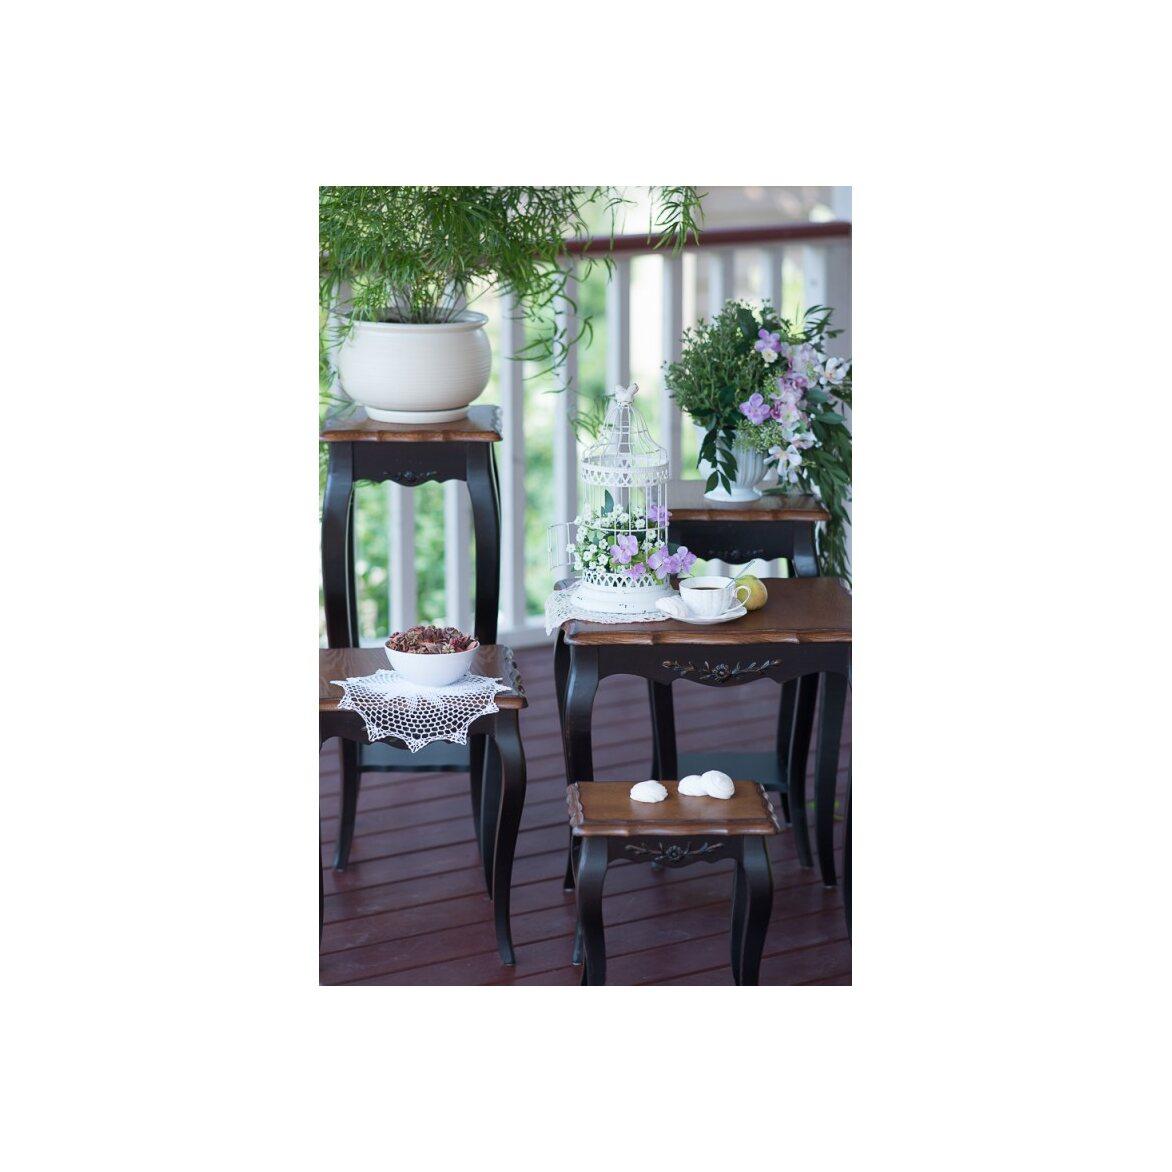 Консоль-подставка под цветы (низкая) Leontina, черного цвета 3 | Консоли Kingsby